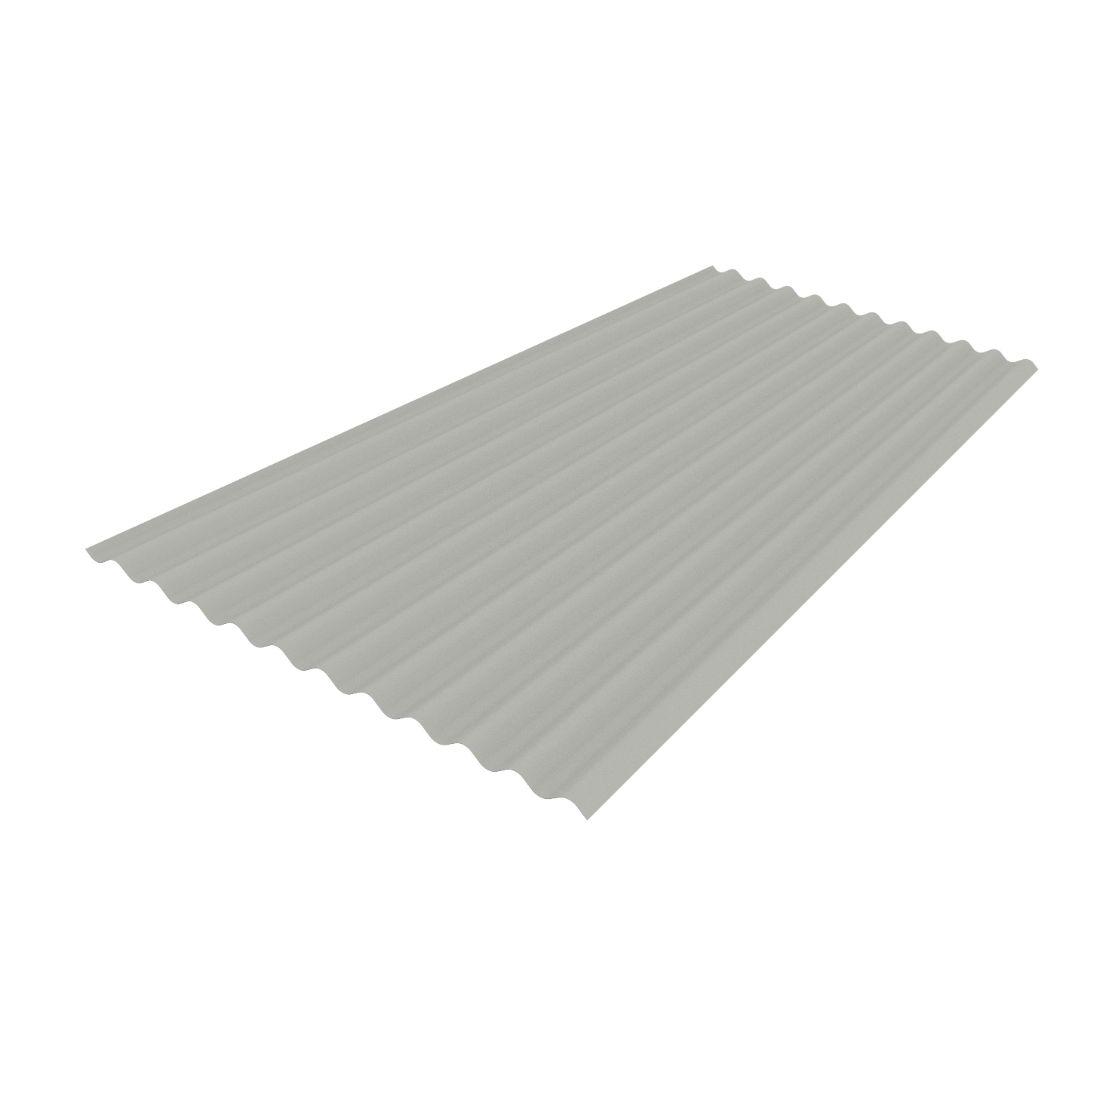 Corrugate Galvanised 0.55 BMT 1.0m